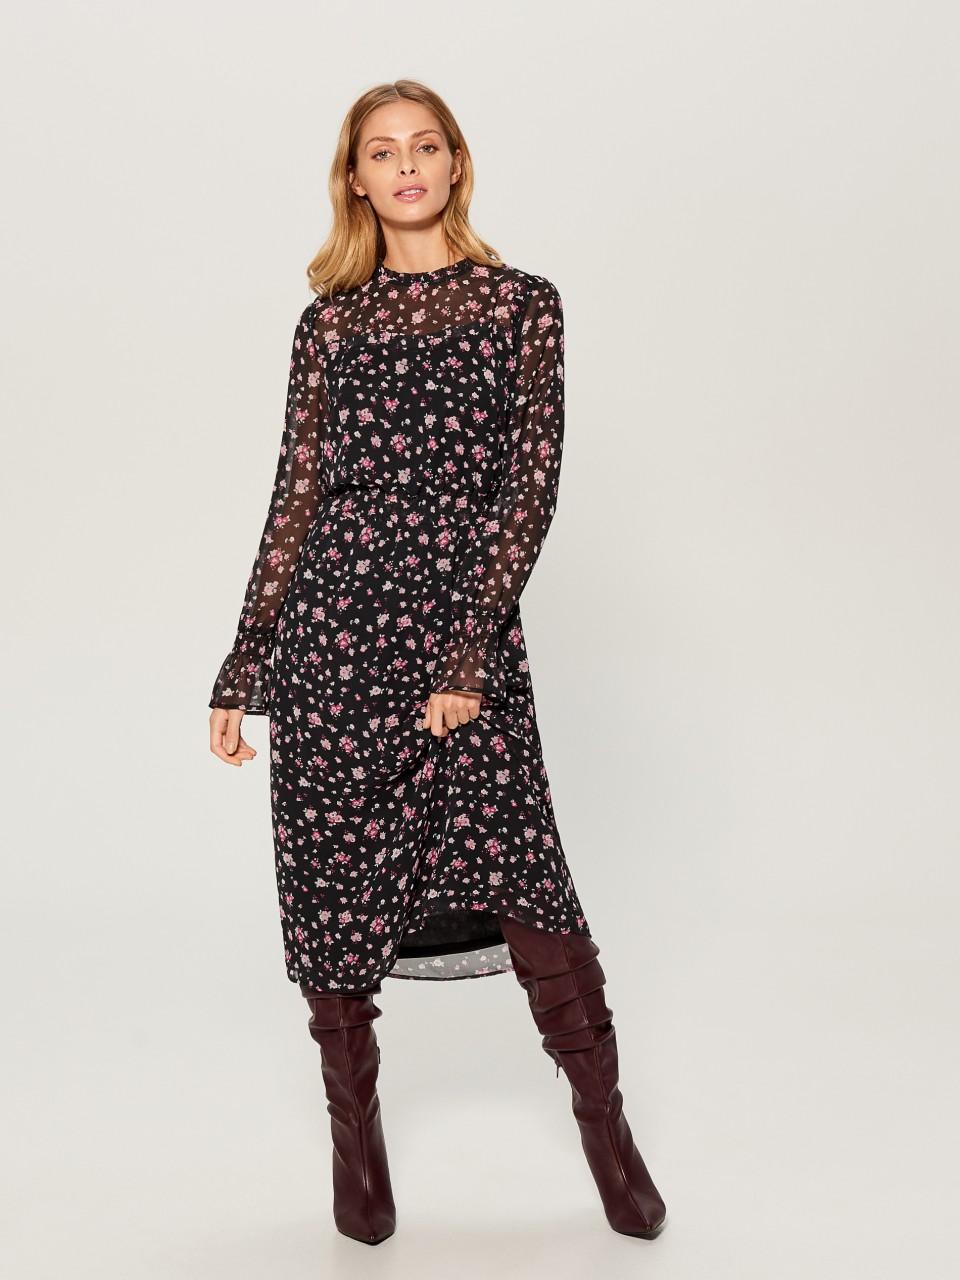 Девушка в платье с цветочным принтом и сапогах